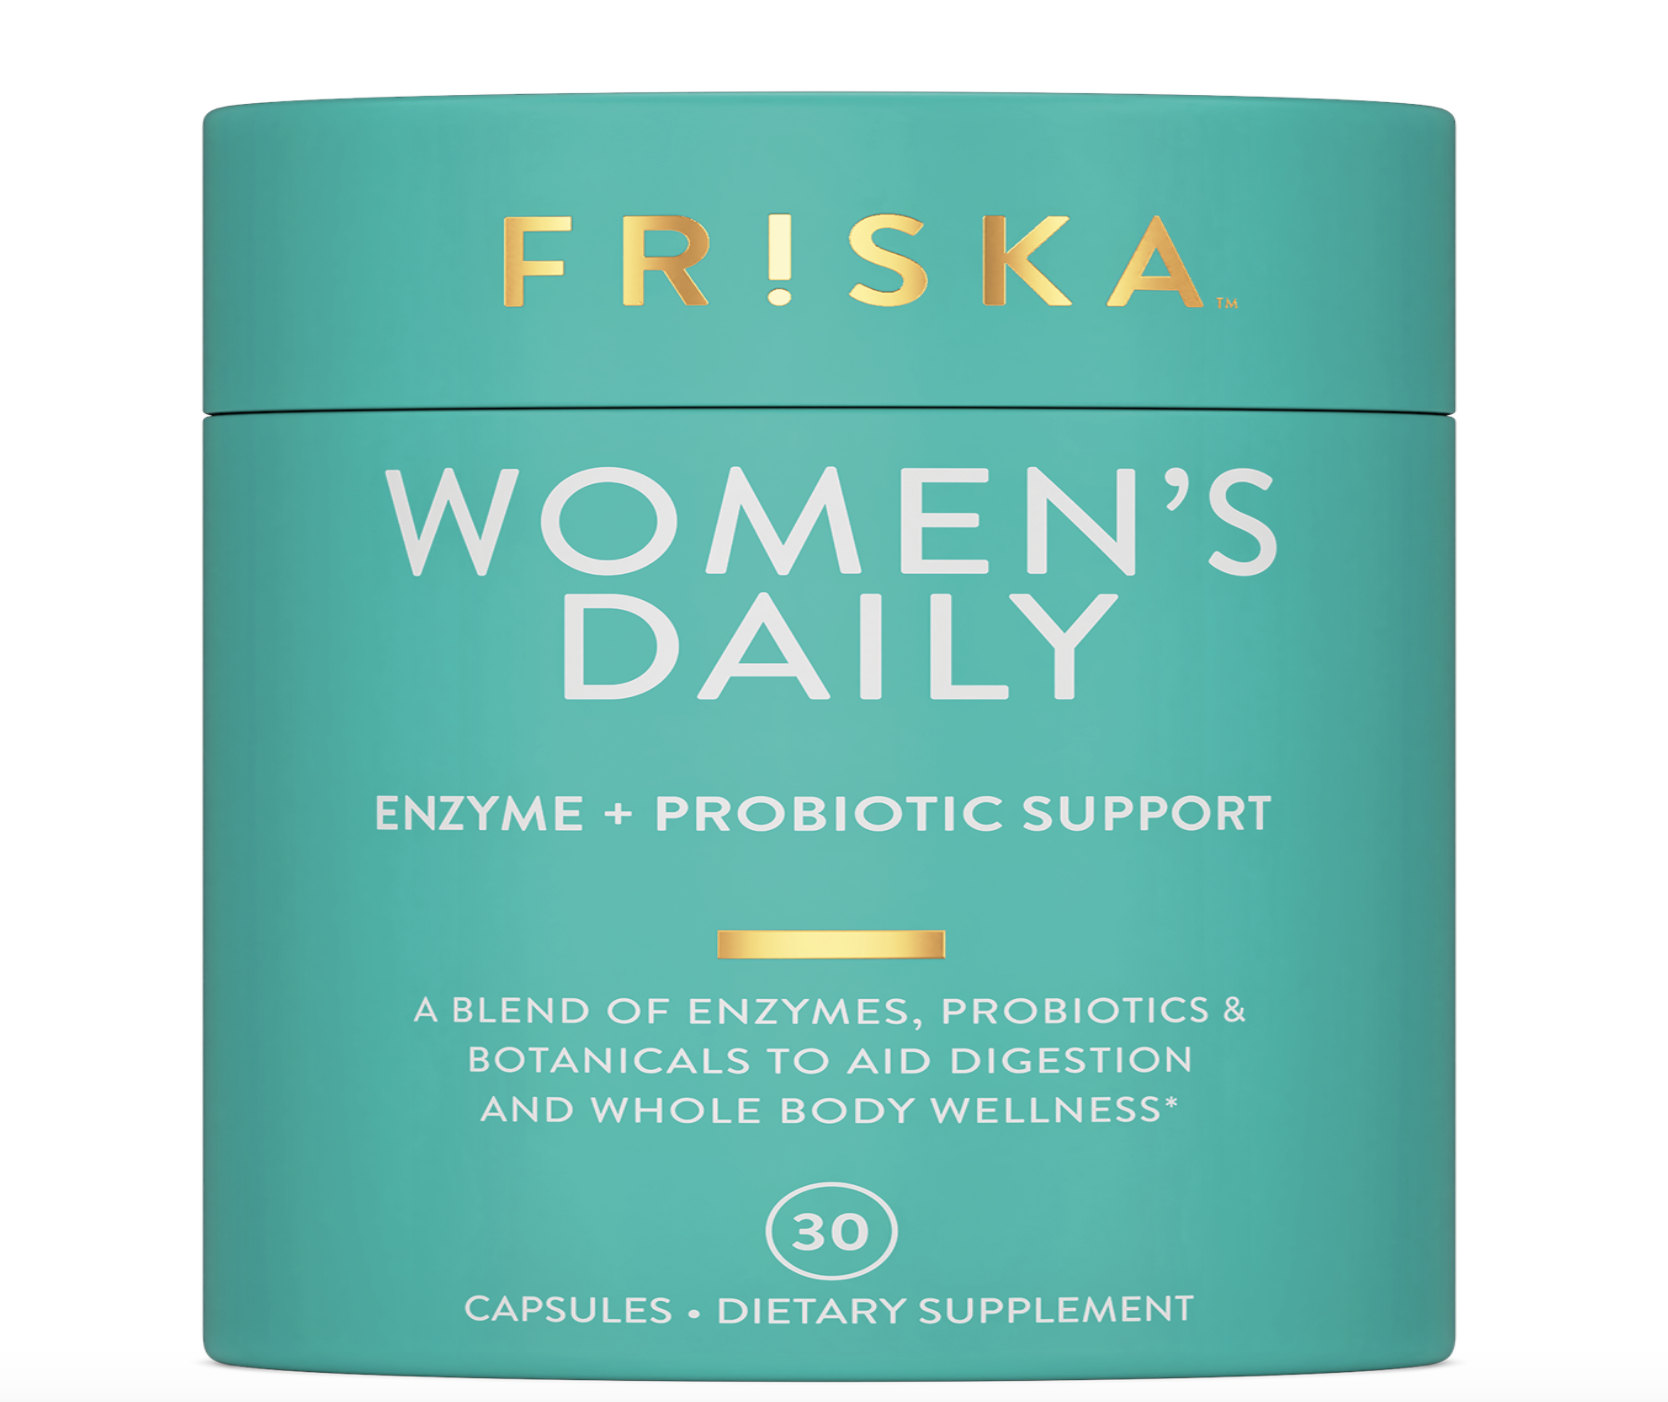 Friska vitamins